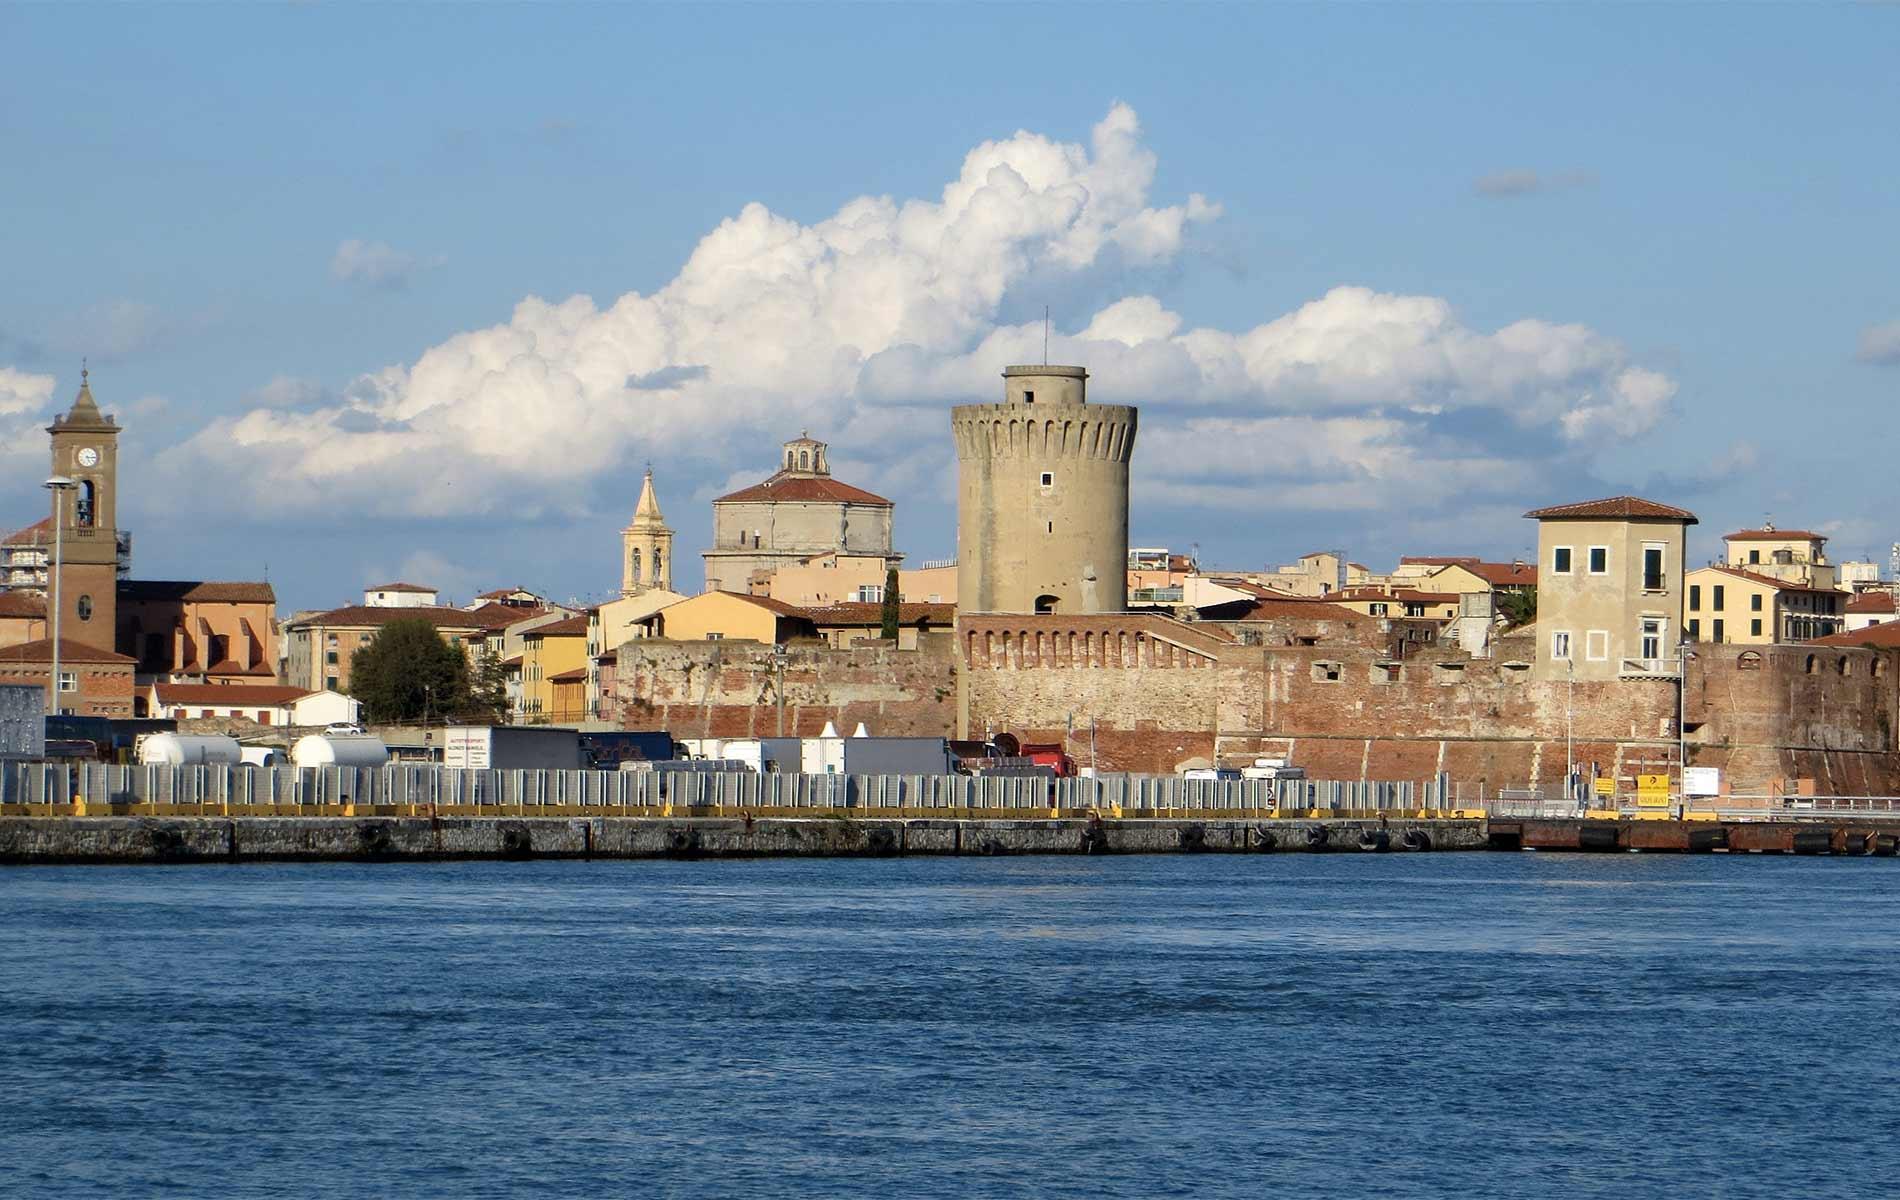 Porti crociere Livorno